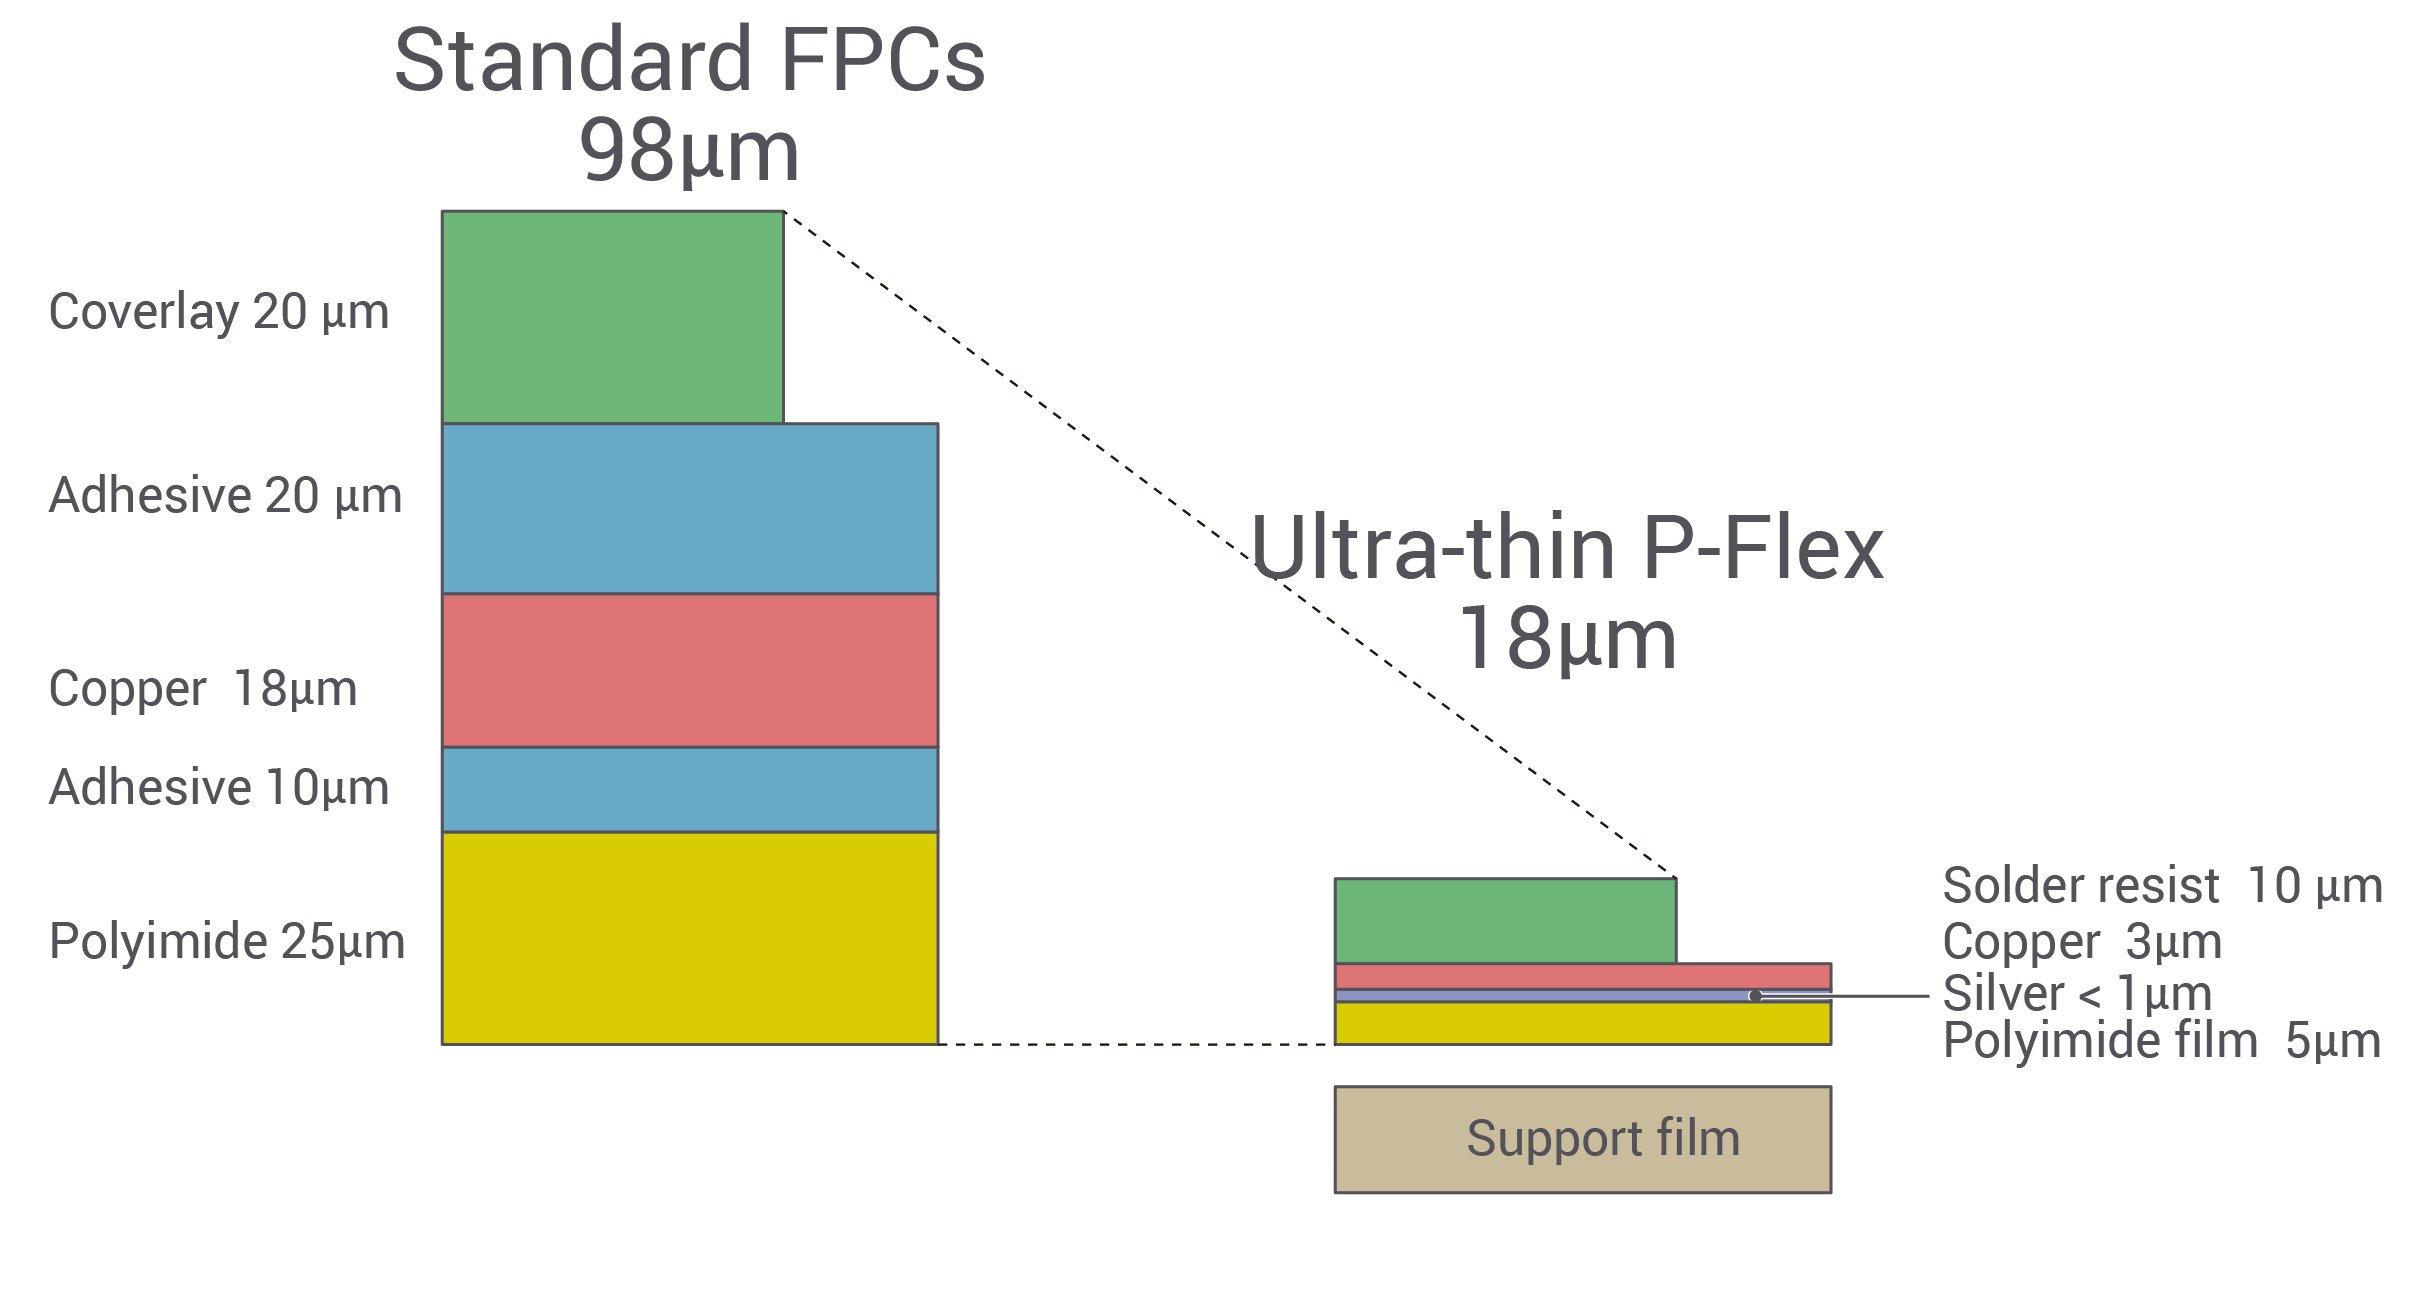 極薄片面 P-Flex™ : 最も薄いFPC